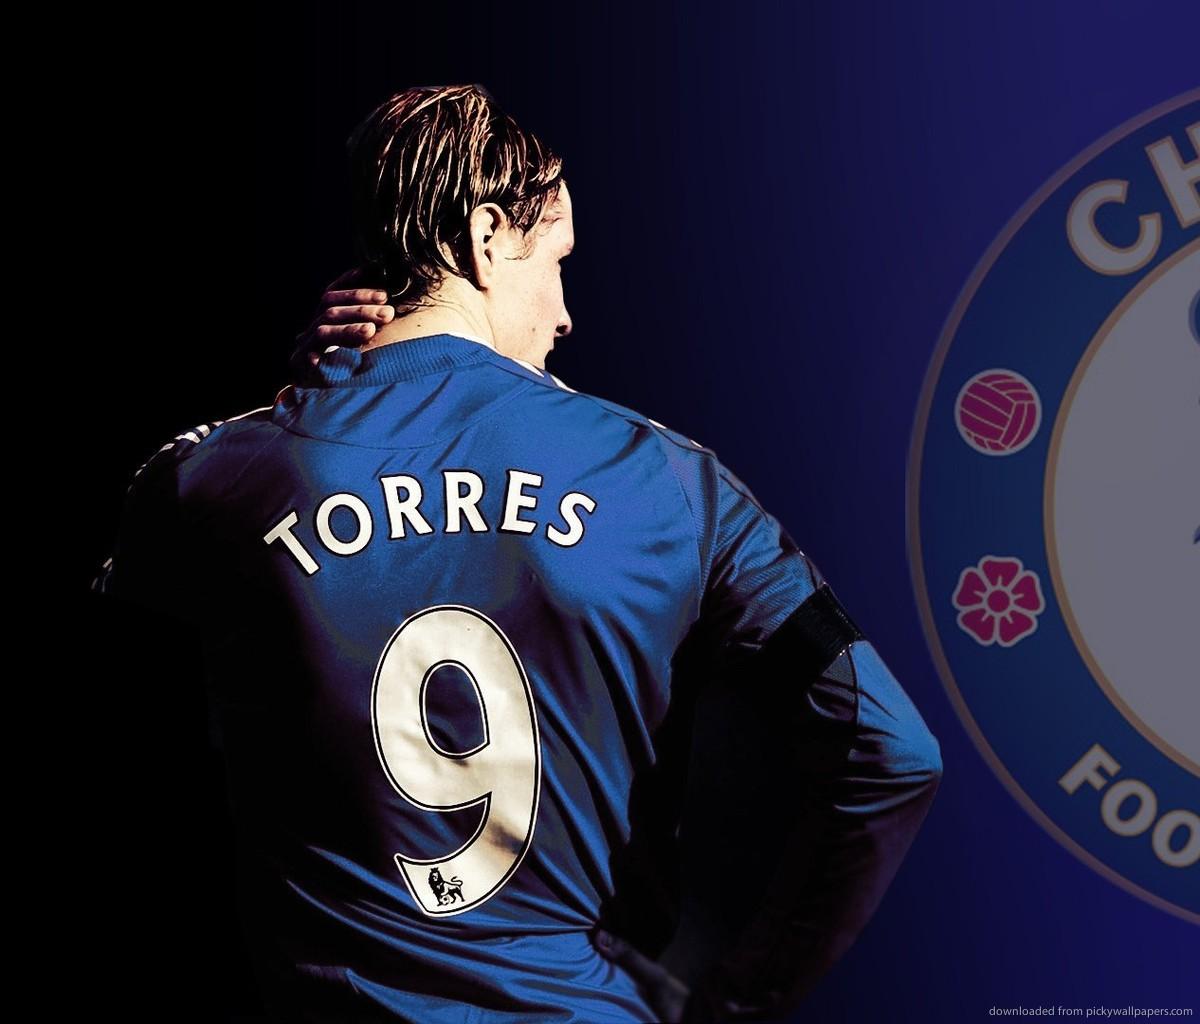 http://3.bp.blogspot.com/-O7vdQm5Q3Dg/UVq-1P1LKwI/AAAAAAAAFfY/AXcnhCakr2o/s1600/Fernando-Torres-Chelsea-FC-Wallpapers+06.jpg